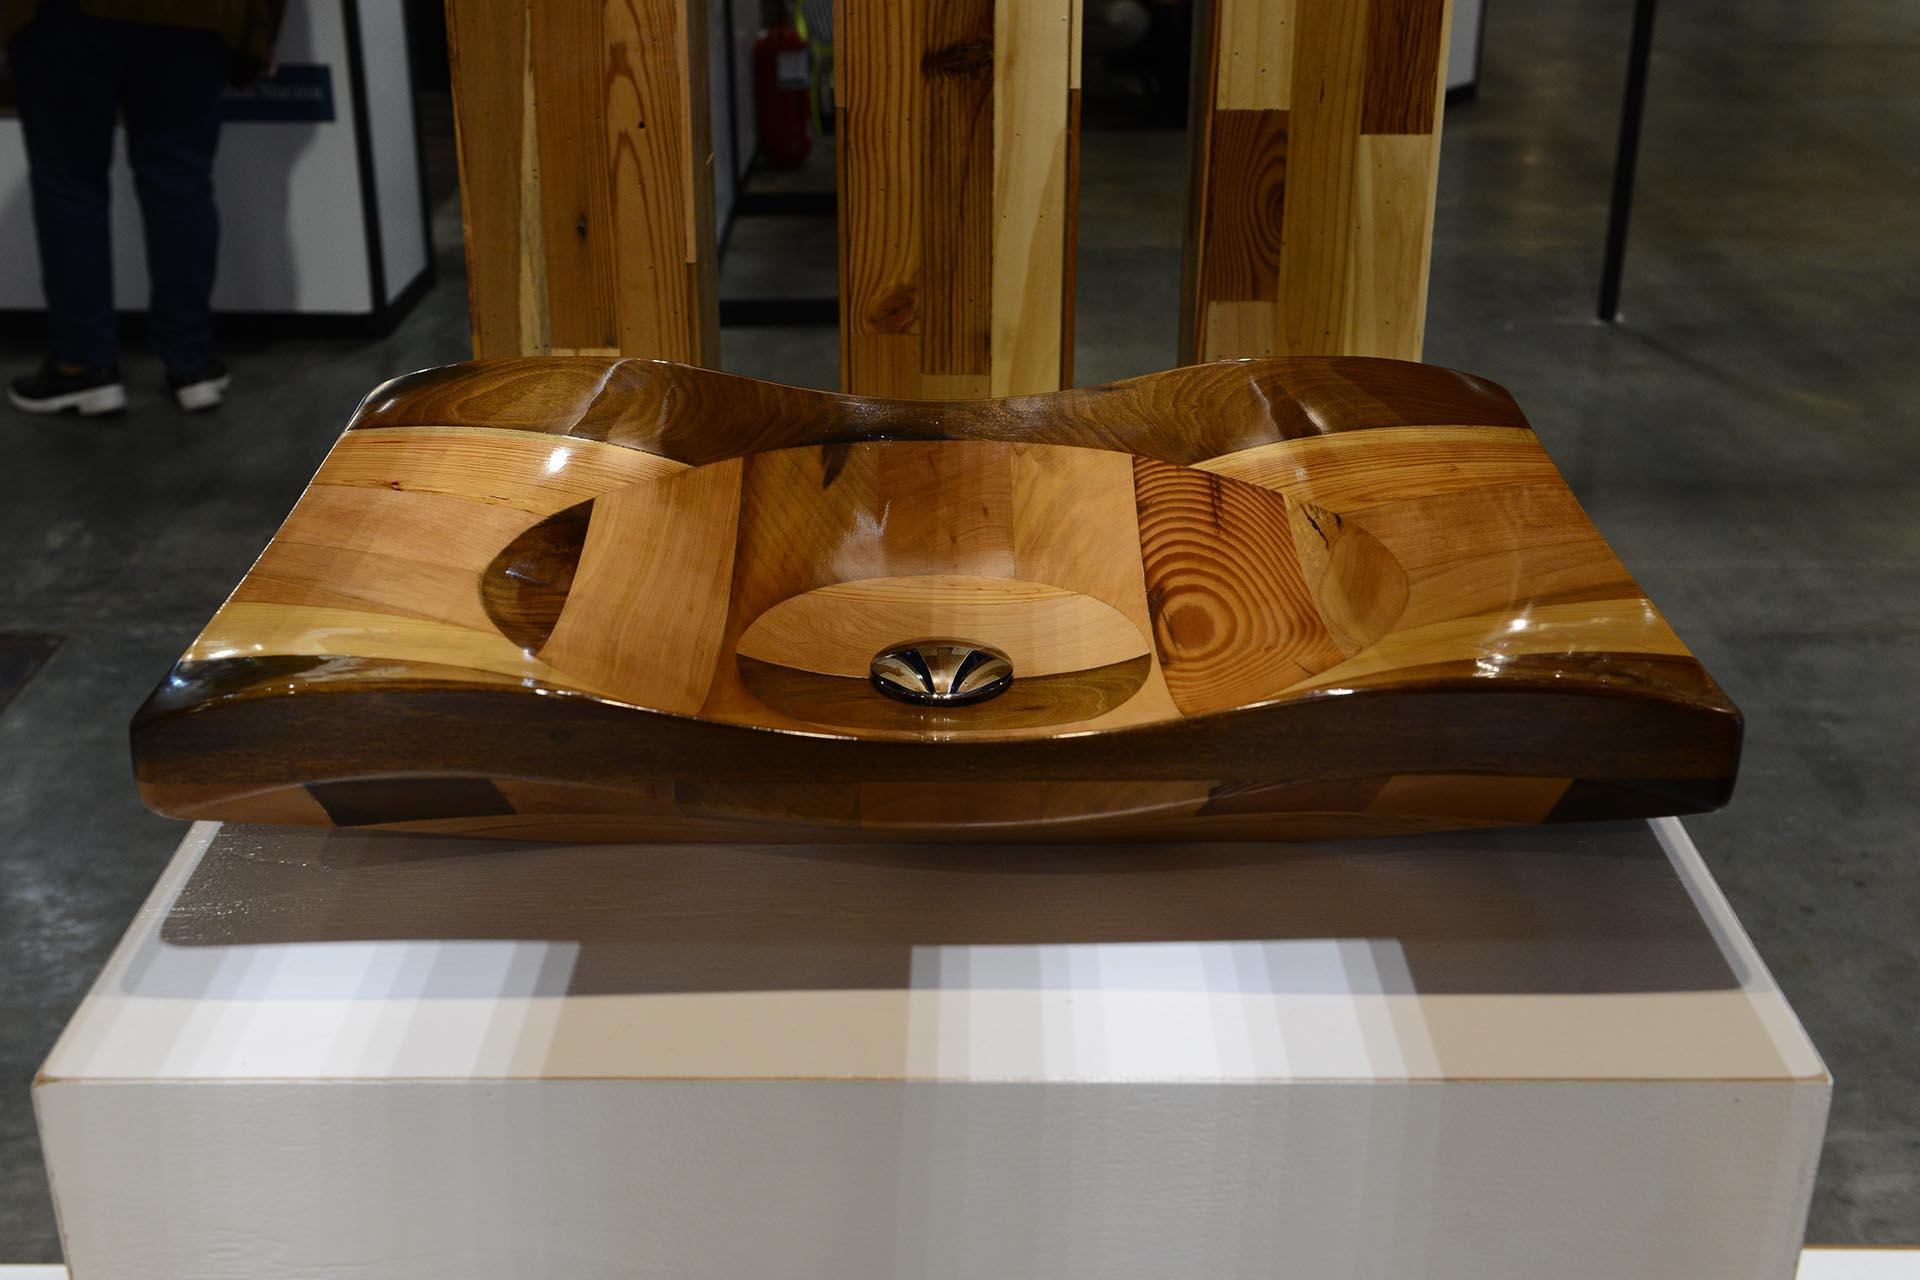 Si bien este es el modelo estrella de la propuesta, Daniel Alonso asegura que pueden realizar diseños a medida.